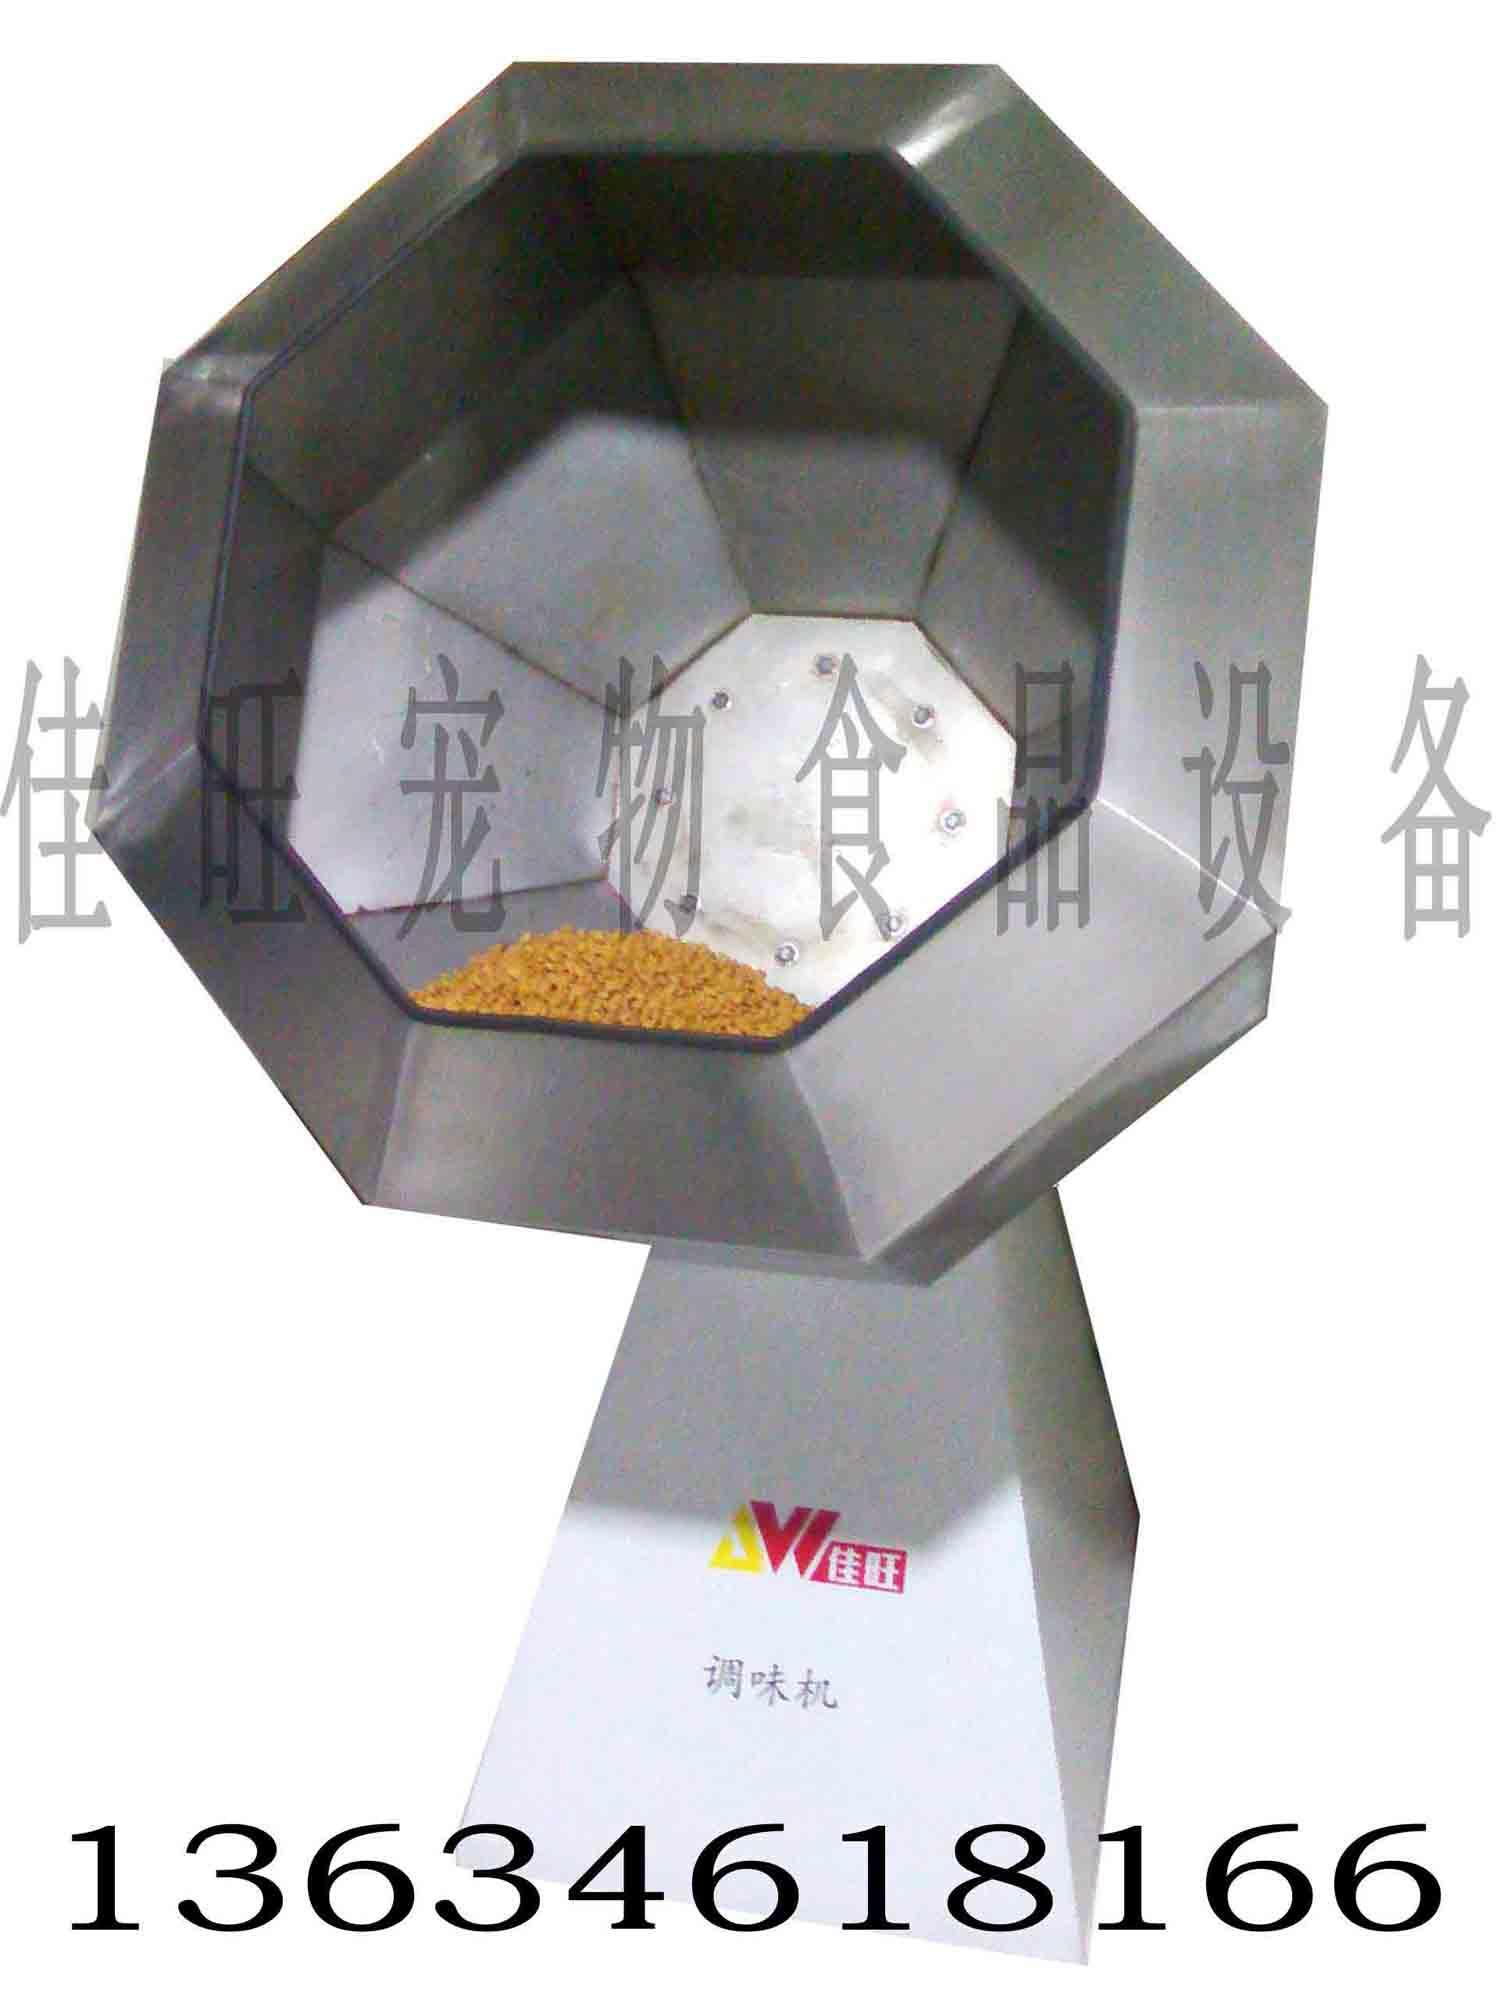 佳旺JWT-200E-M多功能遥控调味机 5